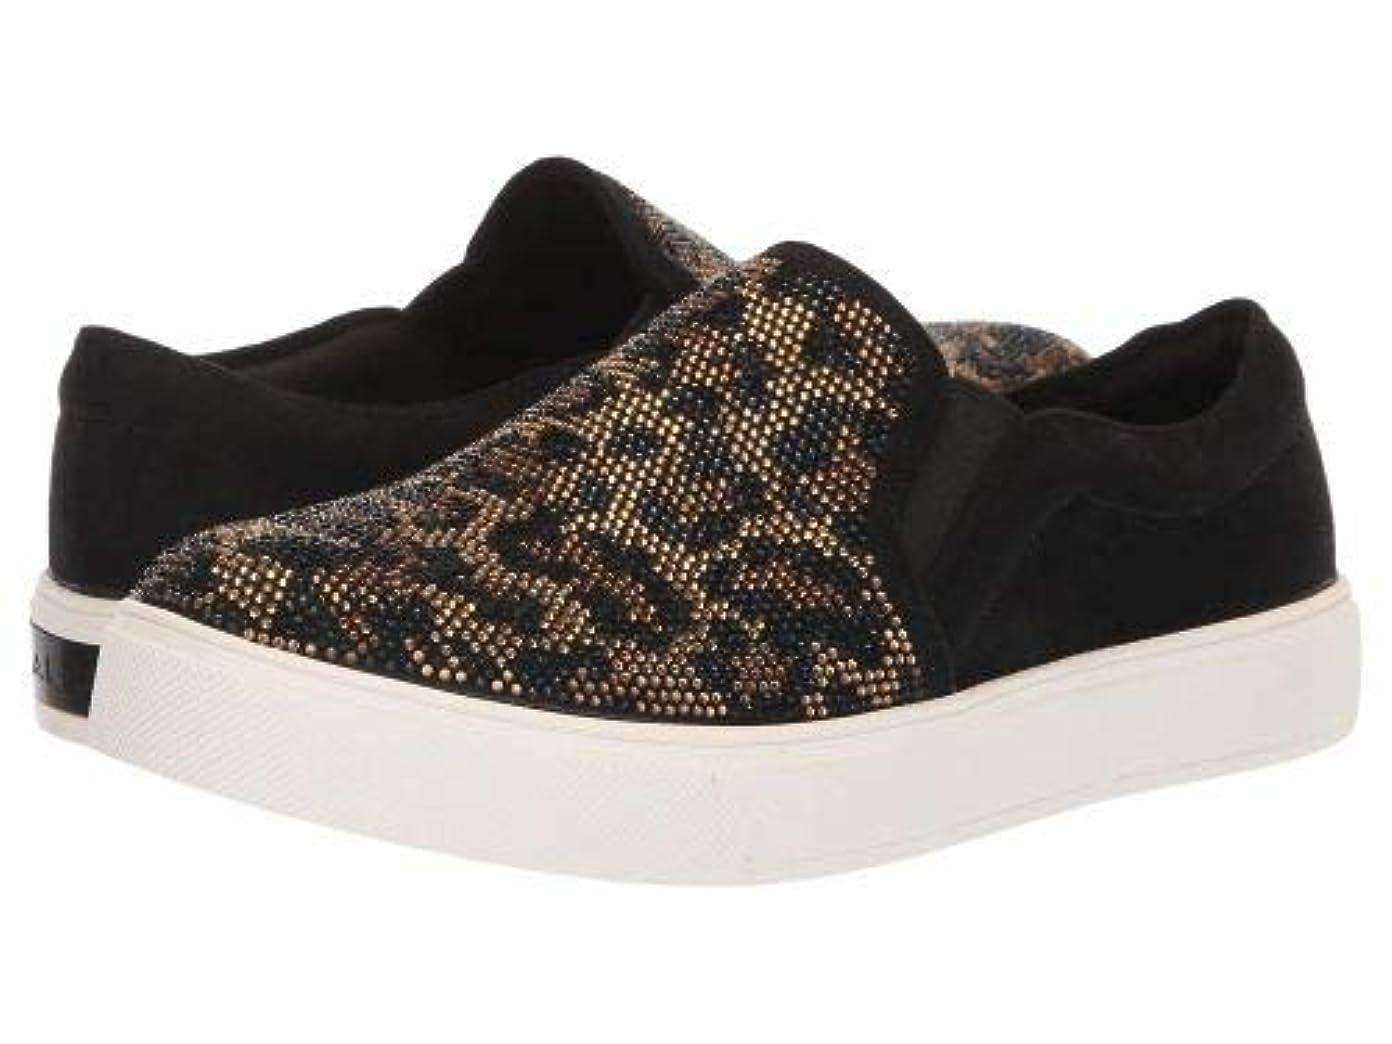 コンソール郵便局準備ができてAldo(アルド) レディース 女性用 シューズ 靴 スニーカー 運動靴 Perine - Bronze [並行輸入品]